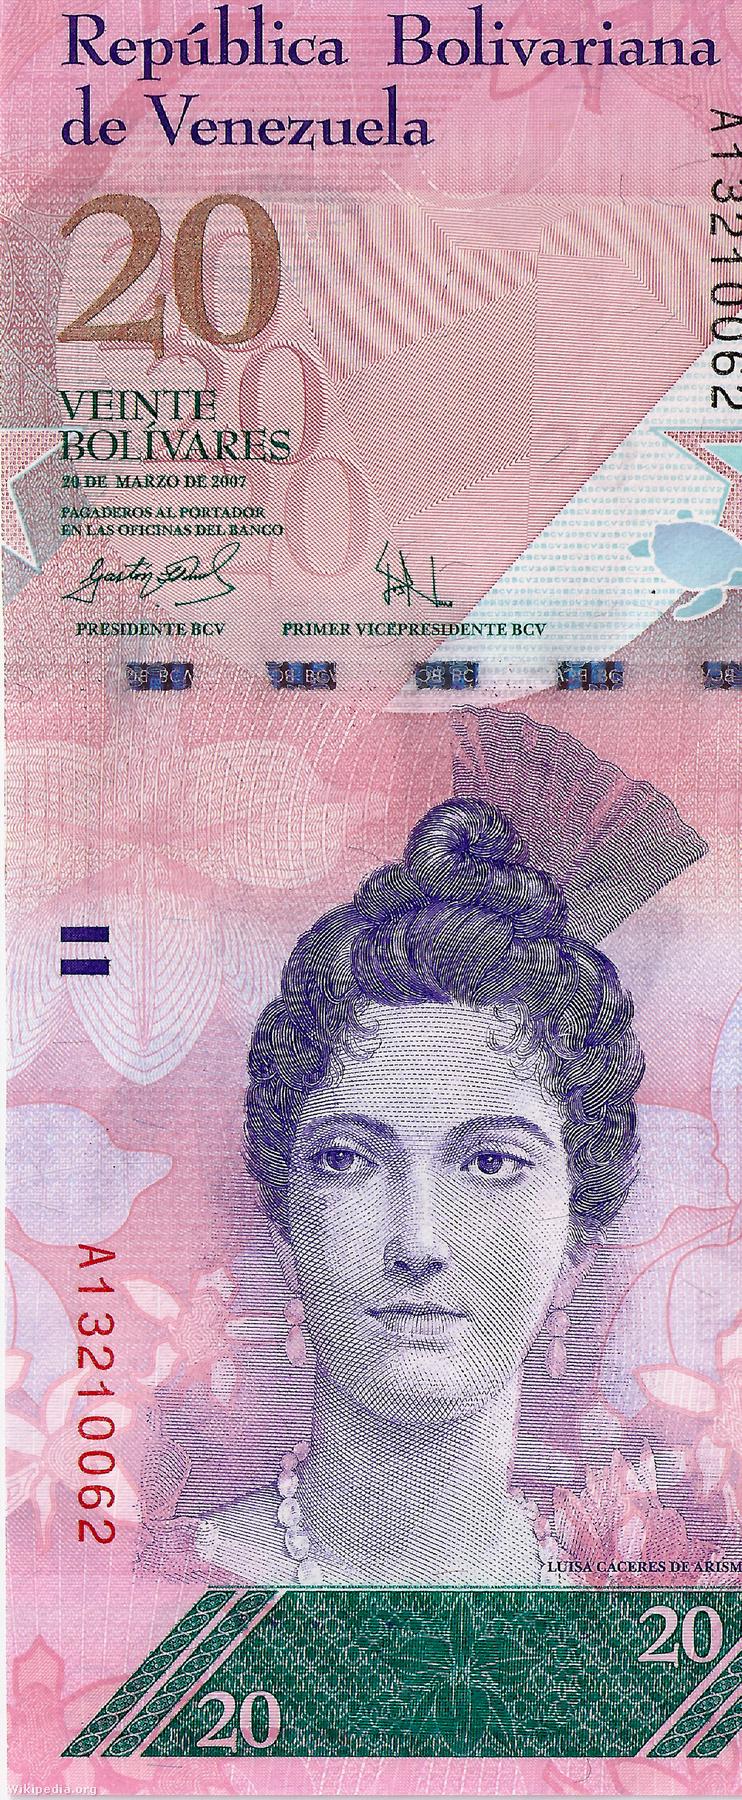 Venezuelában függőlegesen kell nézni a bankjegyeket, ami szintén egy különlegesség, de ezúttal valami más lesz a megfejtés, amit ön valószínűleg sejt is már